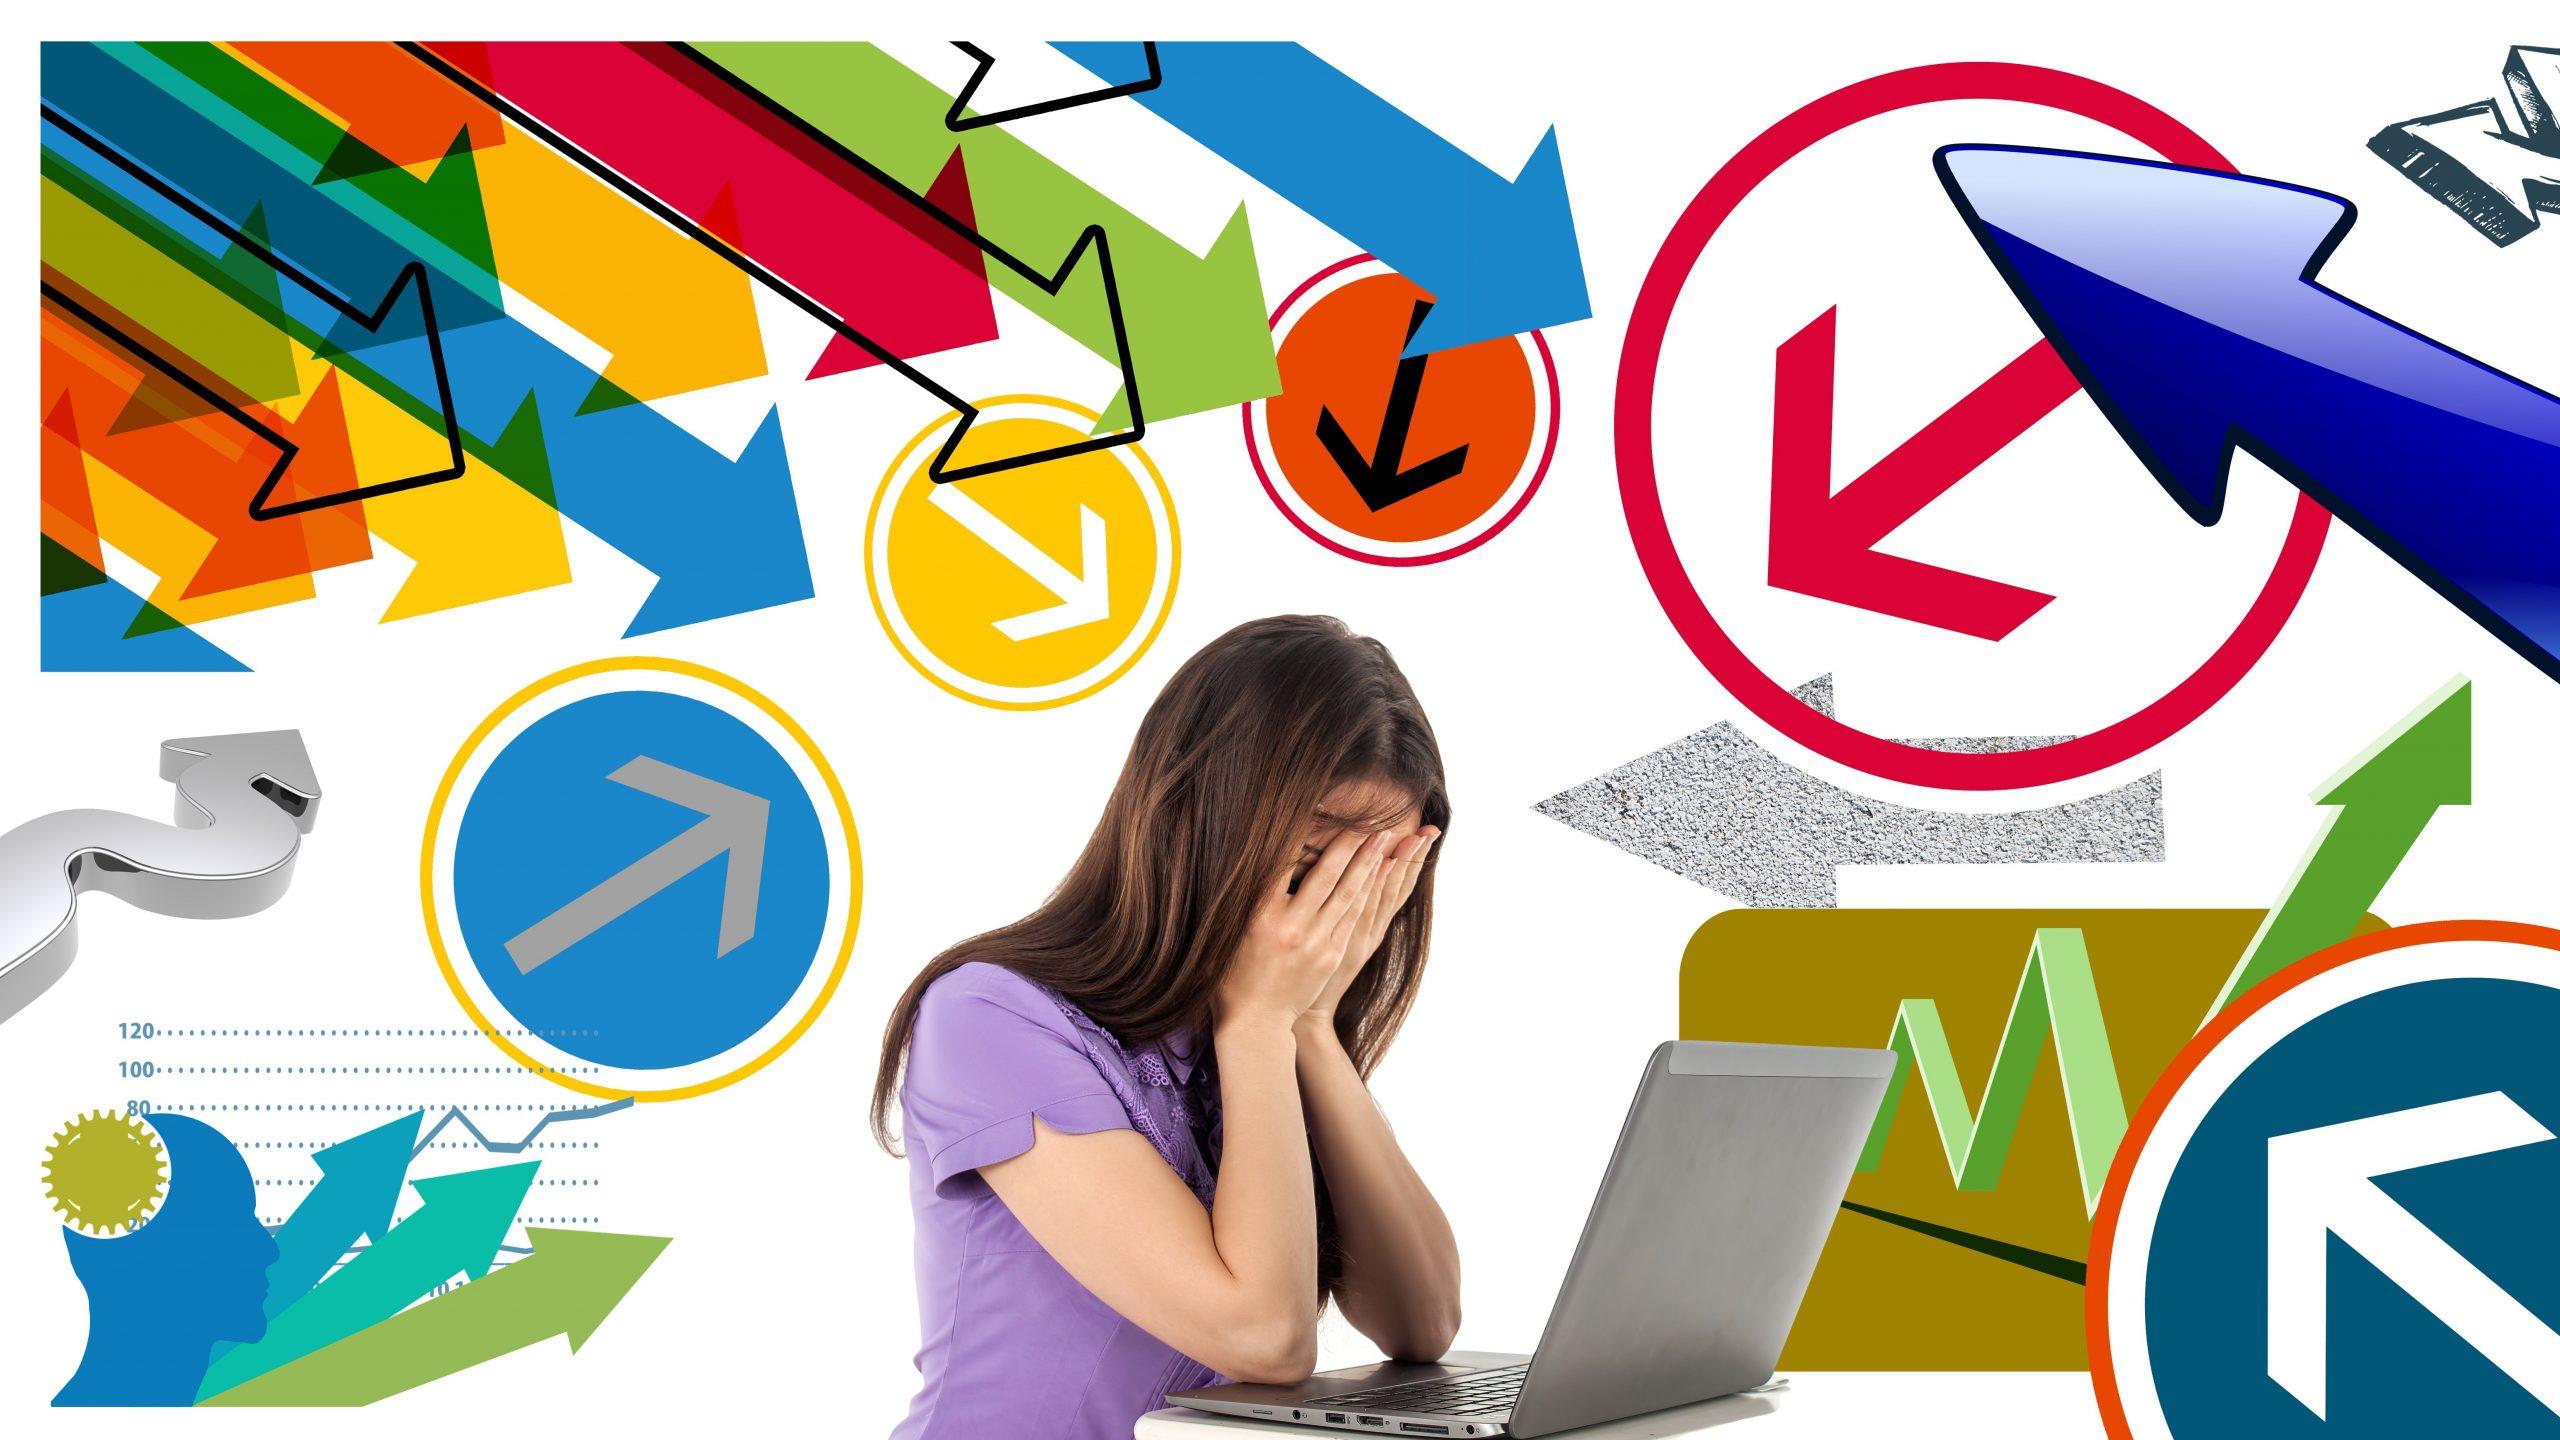 Immer schön gelassen bleiben! Stressmanagement am Arbeitsplatz